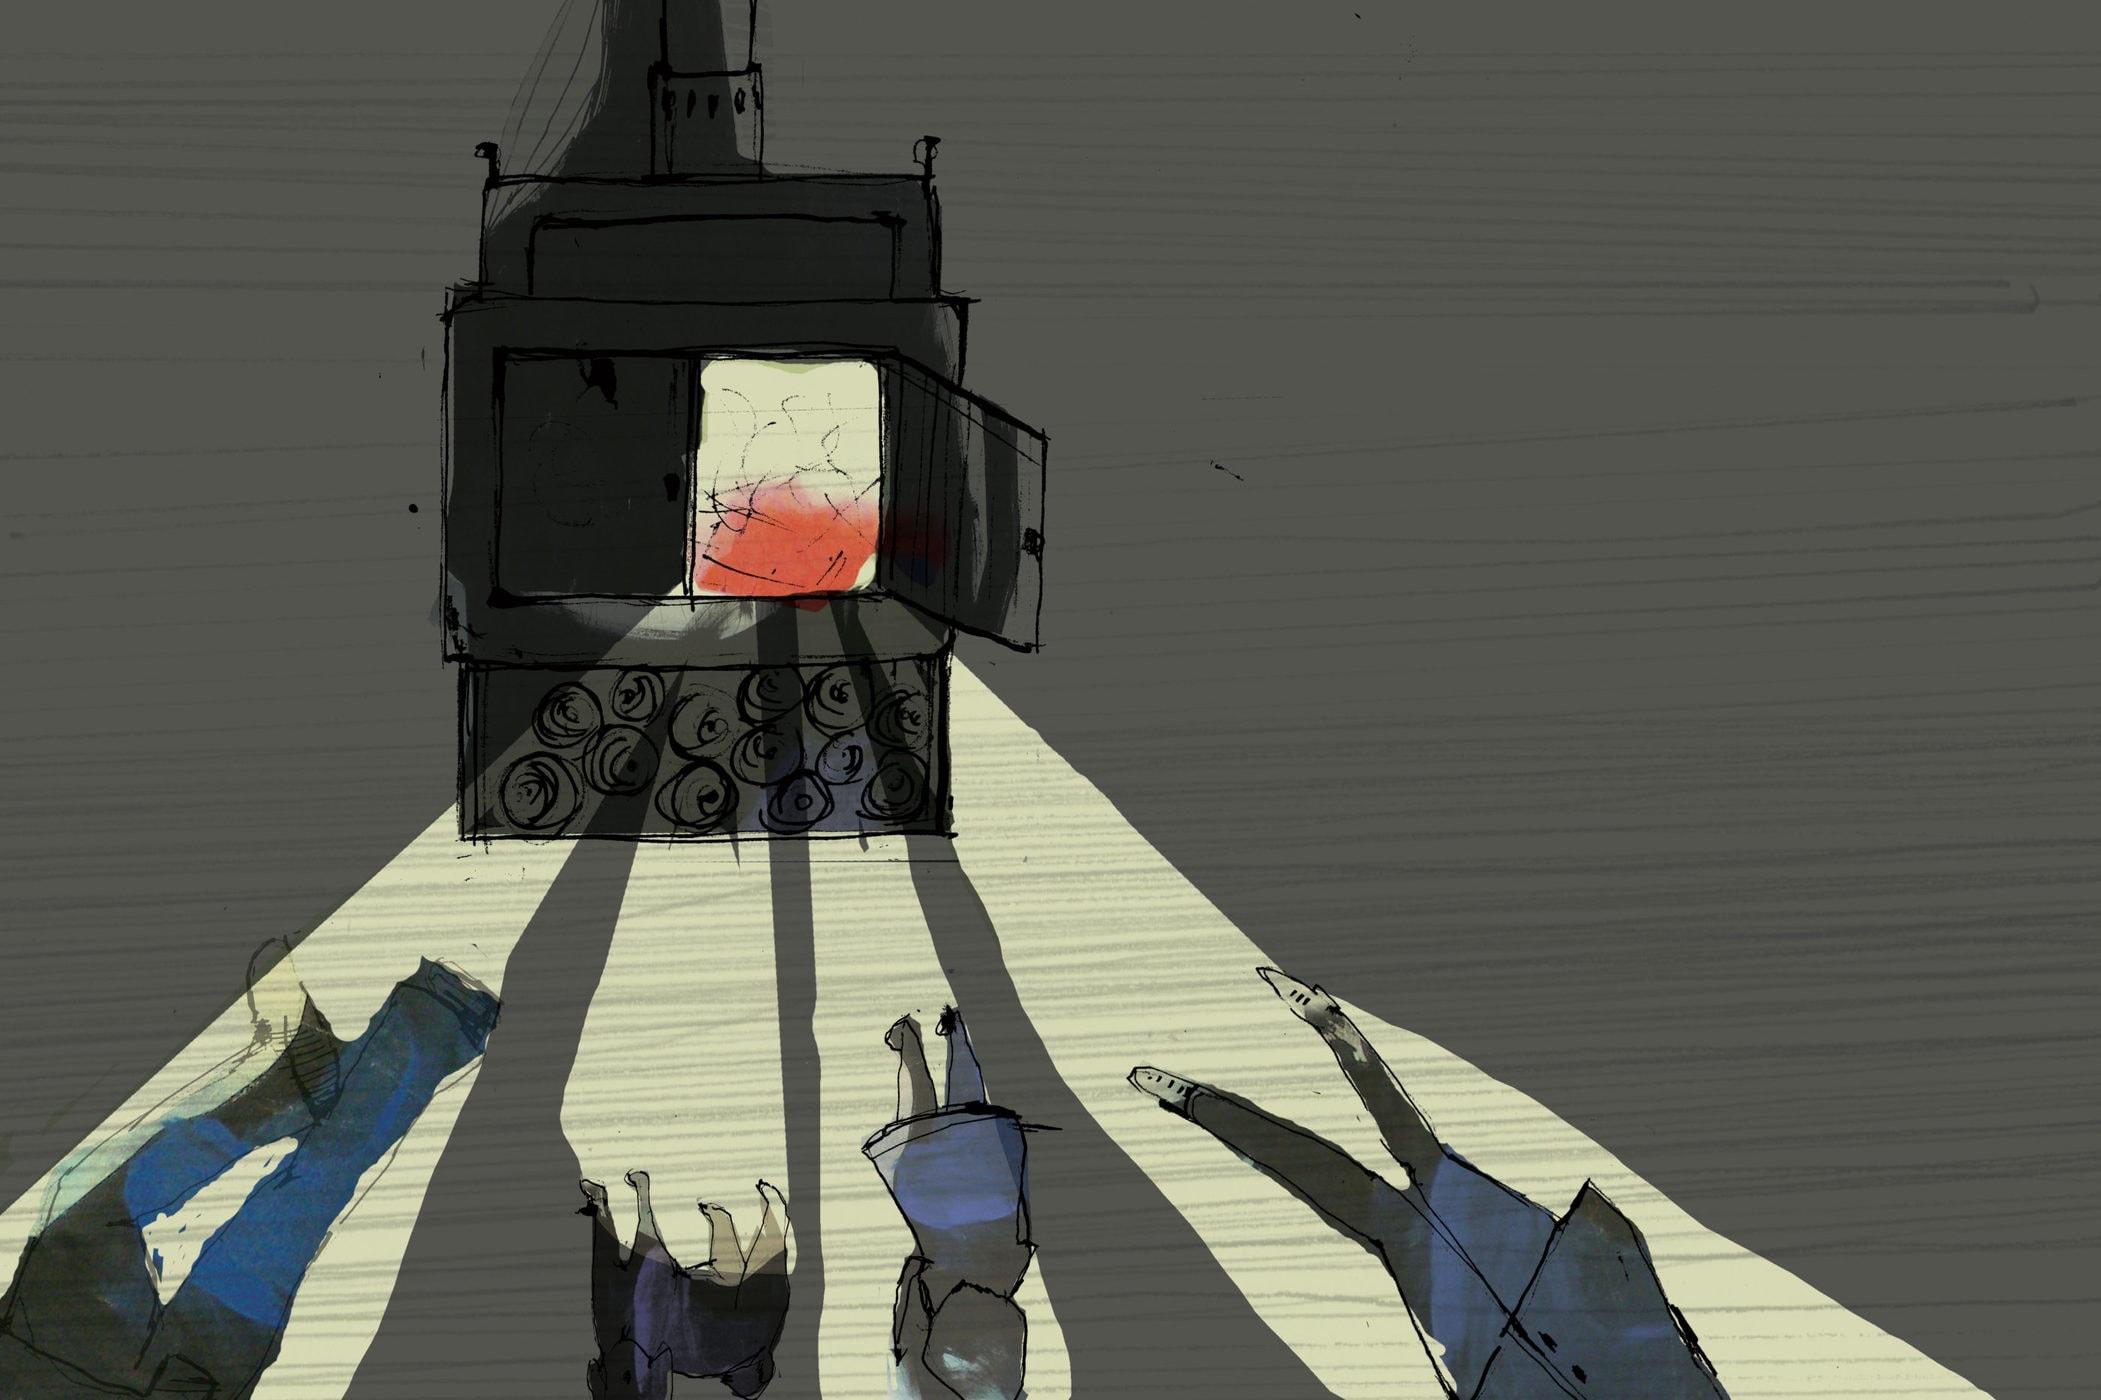 I mørkningen. Fortalt af Jens Peter Madsen, med tegning af Tanja Eijgendaal